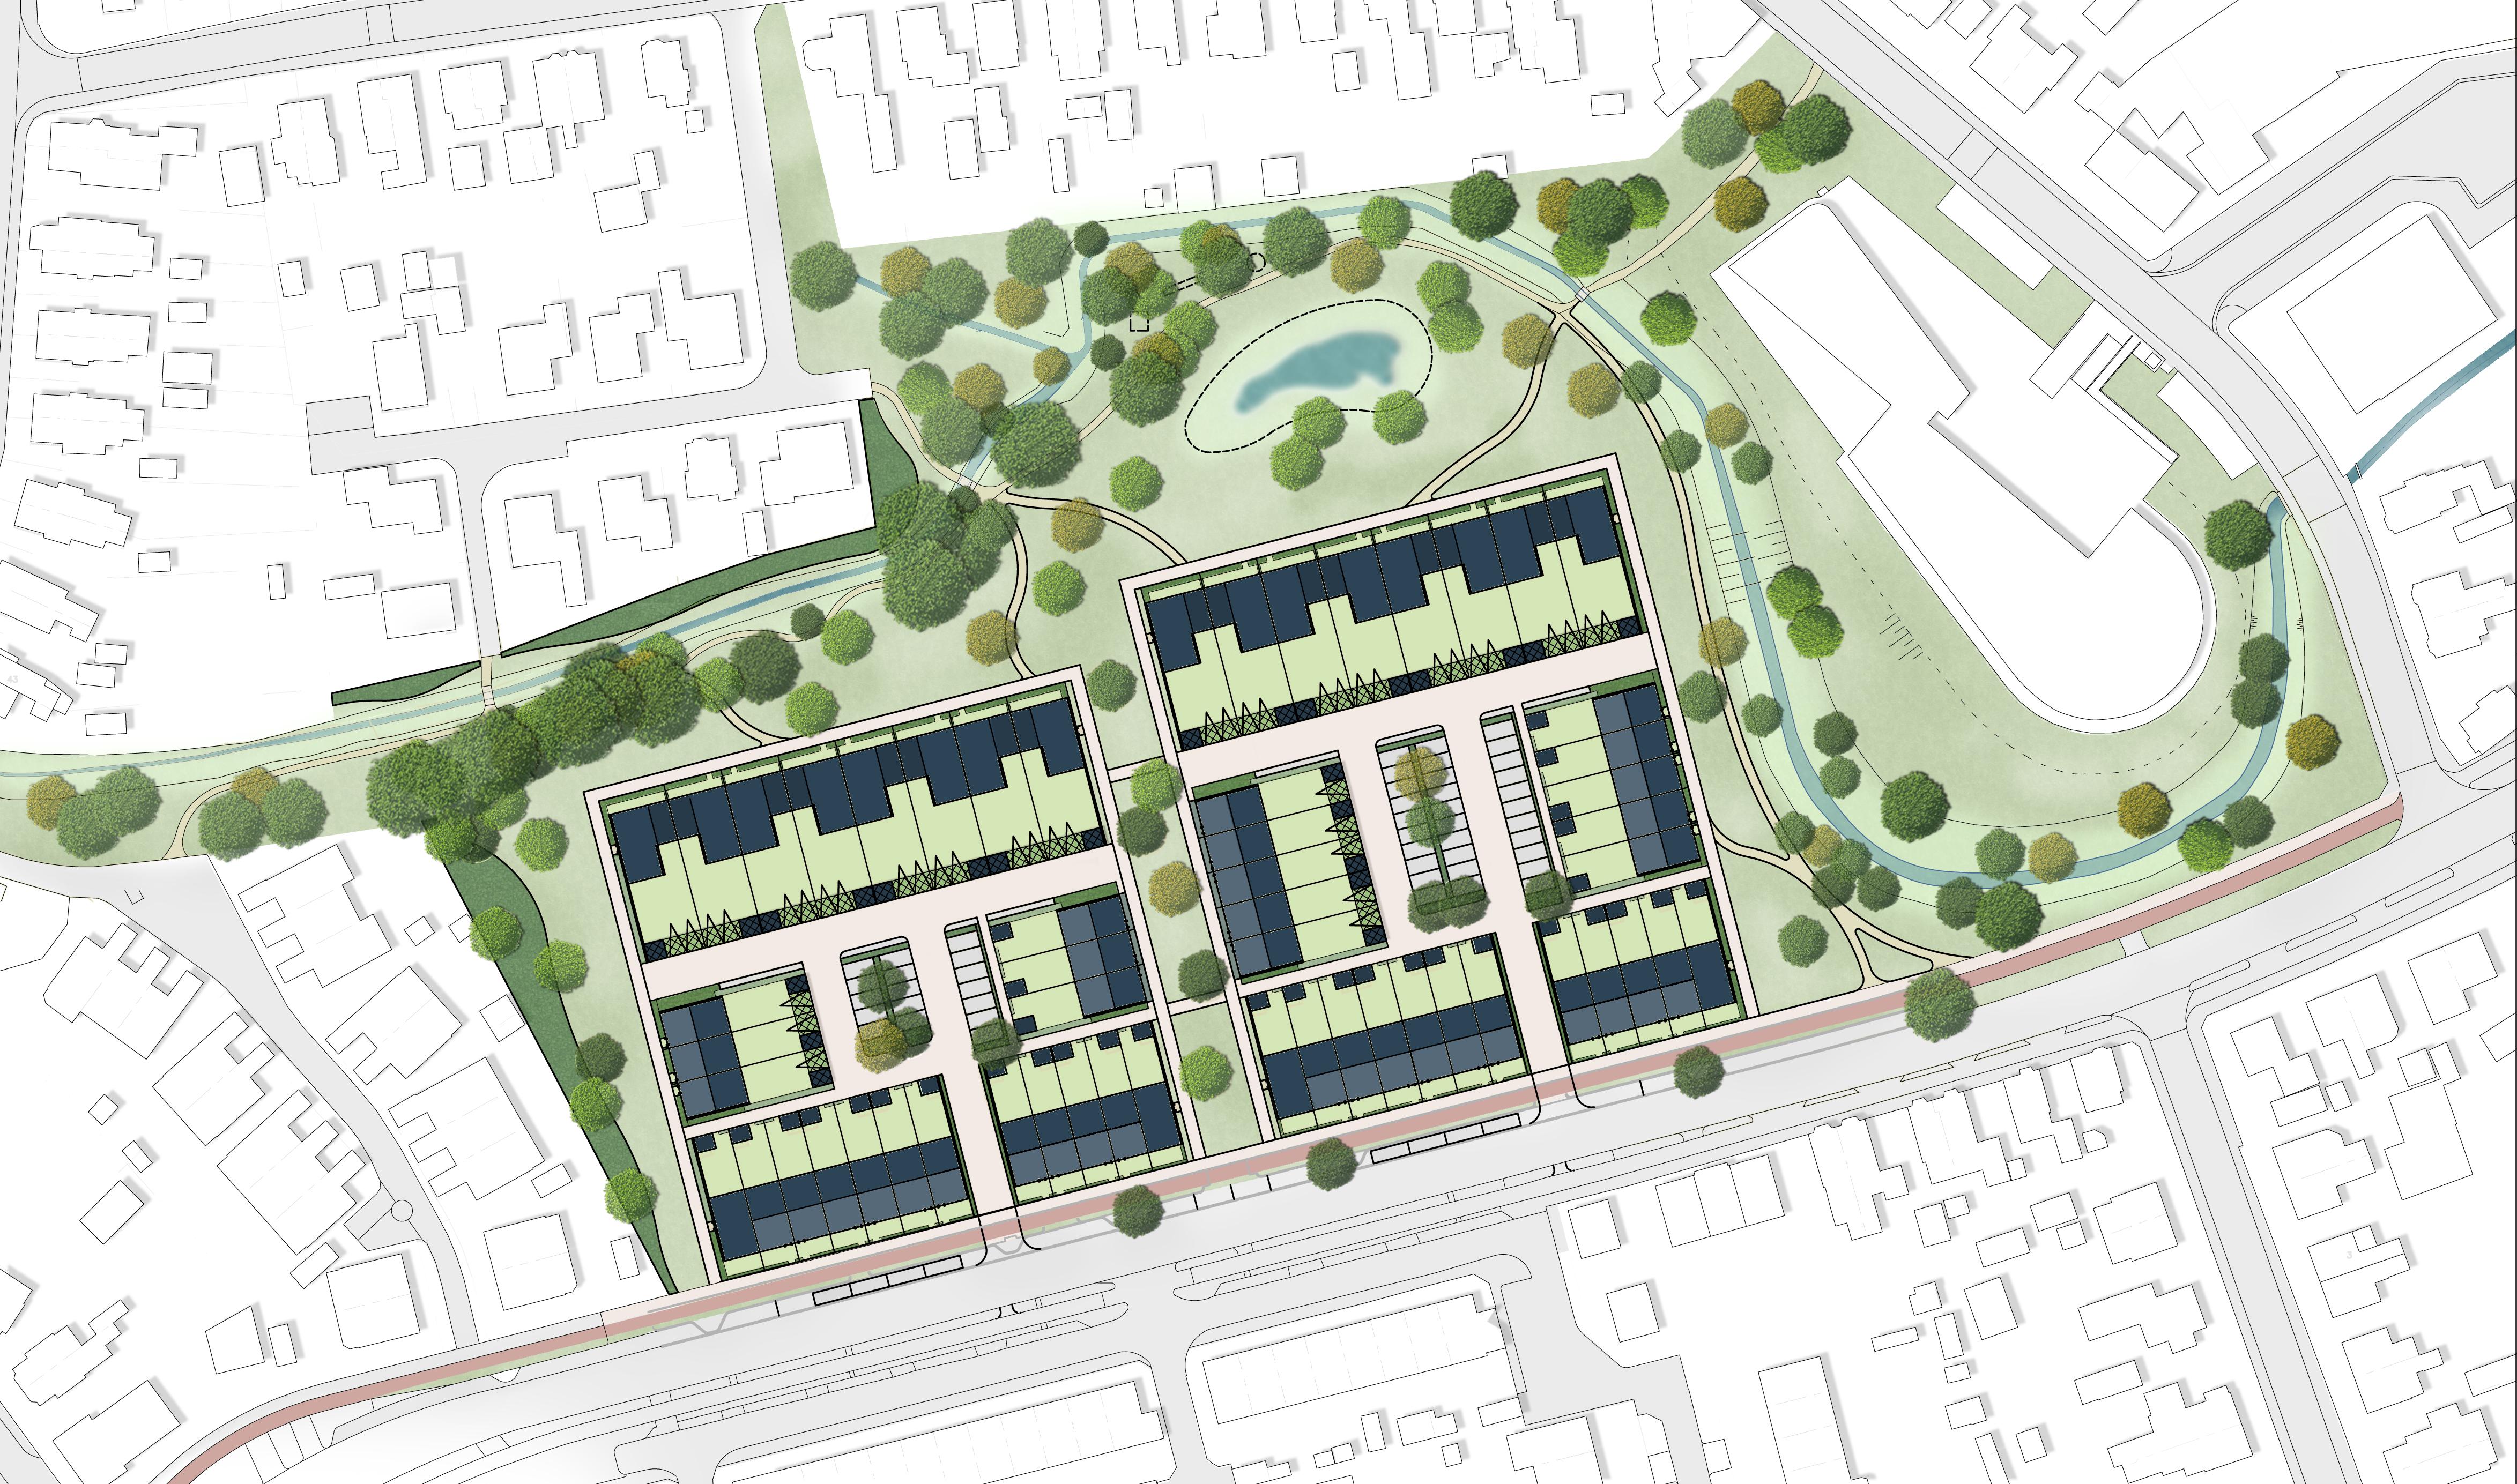 <p>Stedenbouwkundig plan Spartahof Apeldoorn MTD landschapsarchitecten</p>